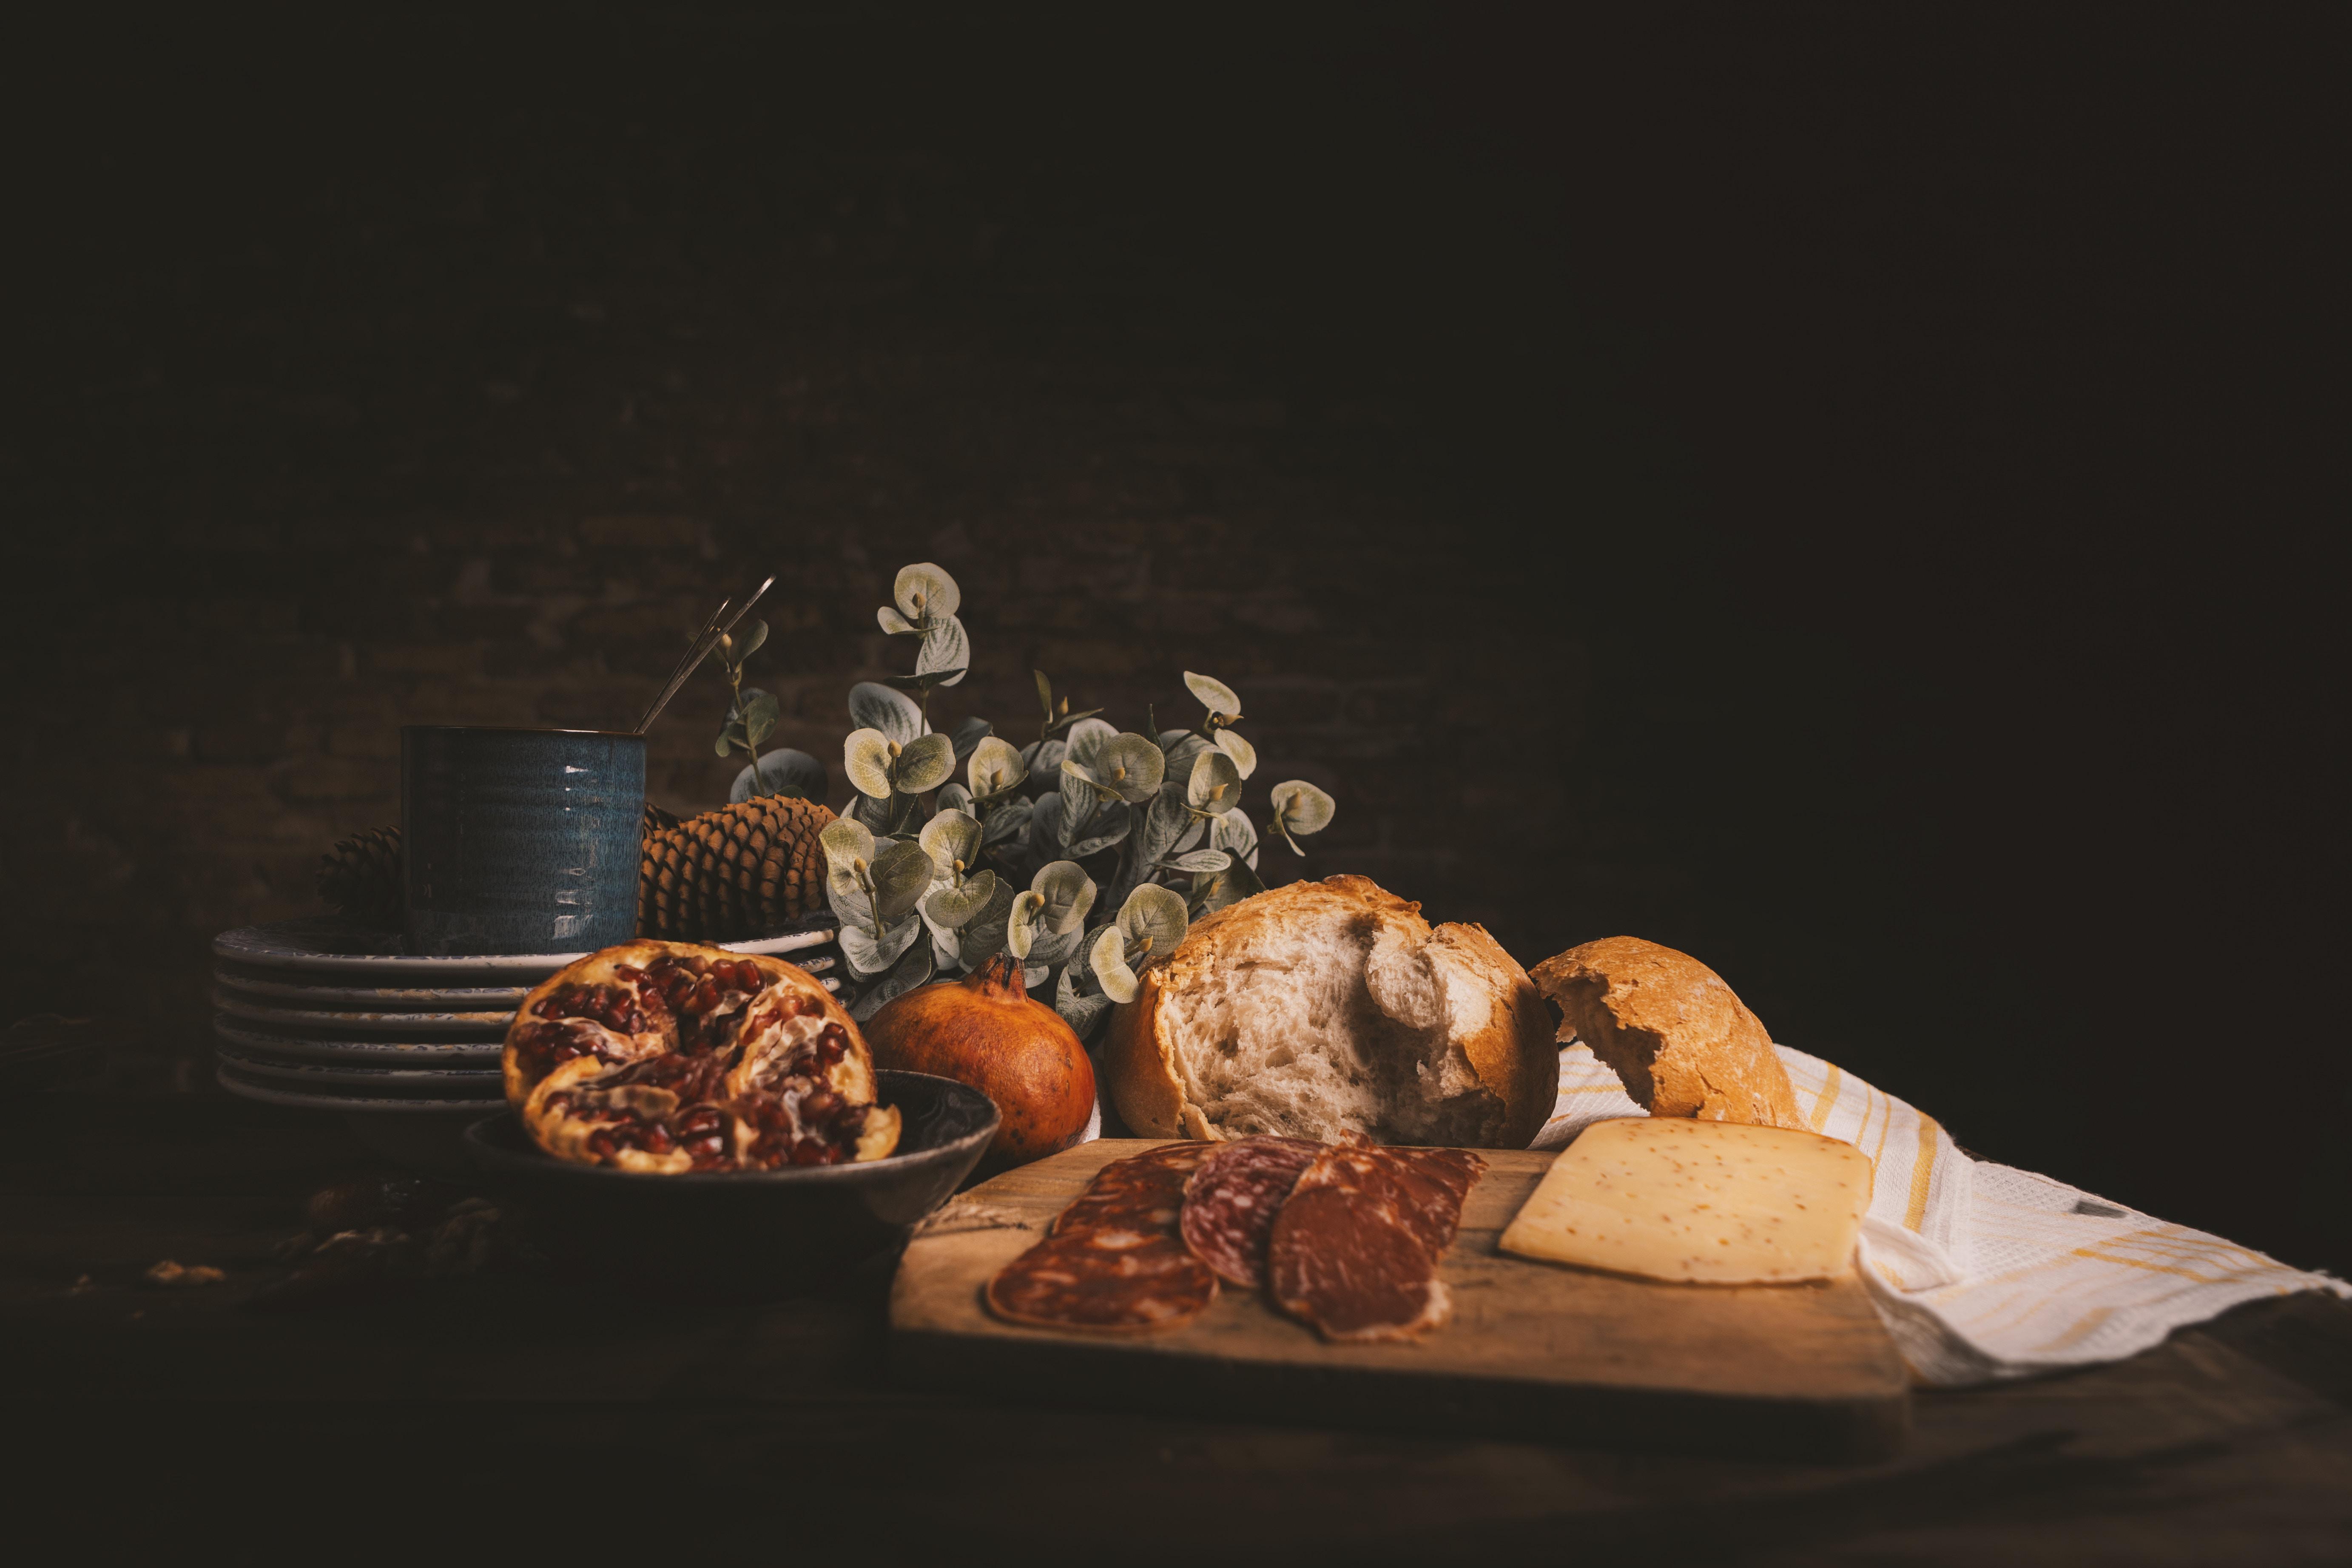 Los mejores productos de panadería europea - Eurobakeries